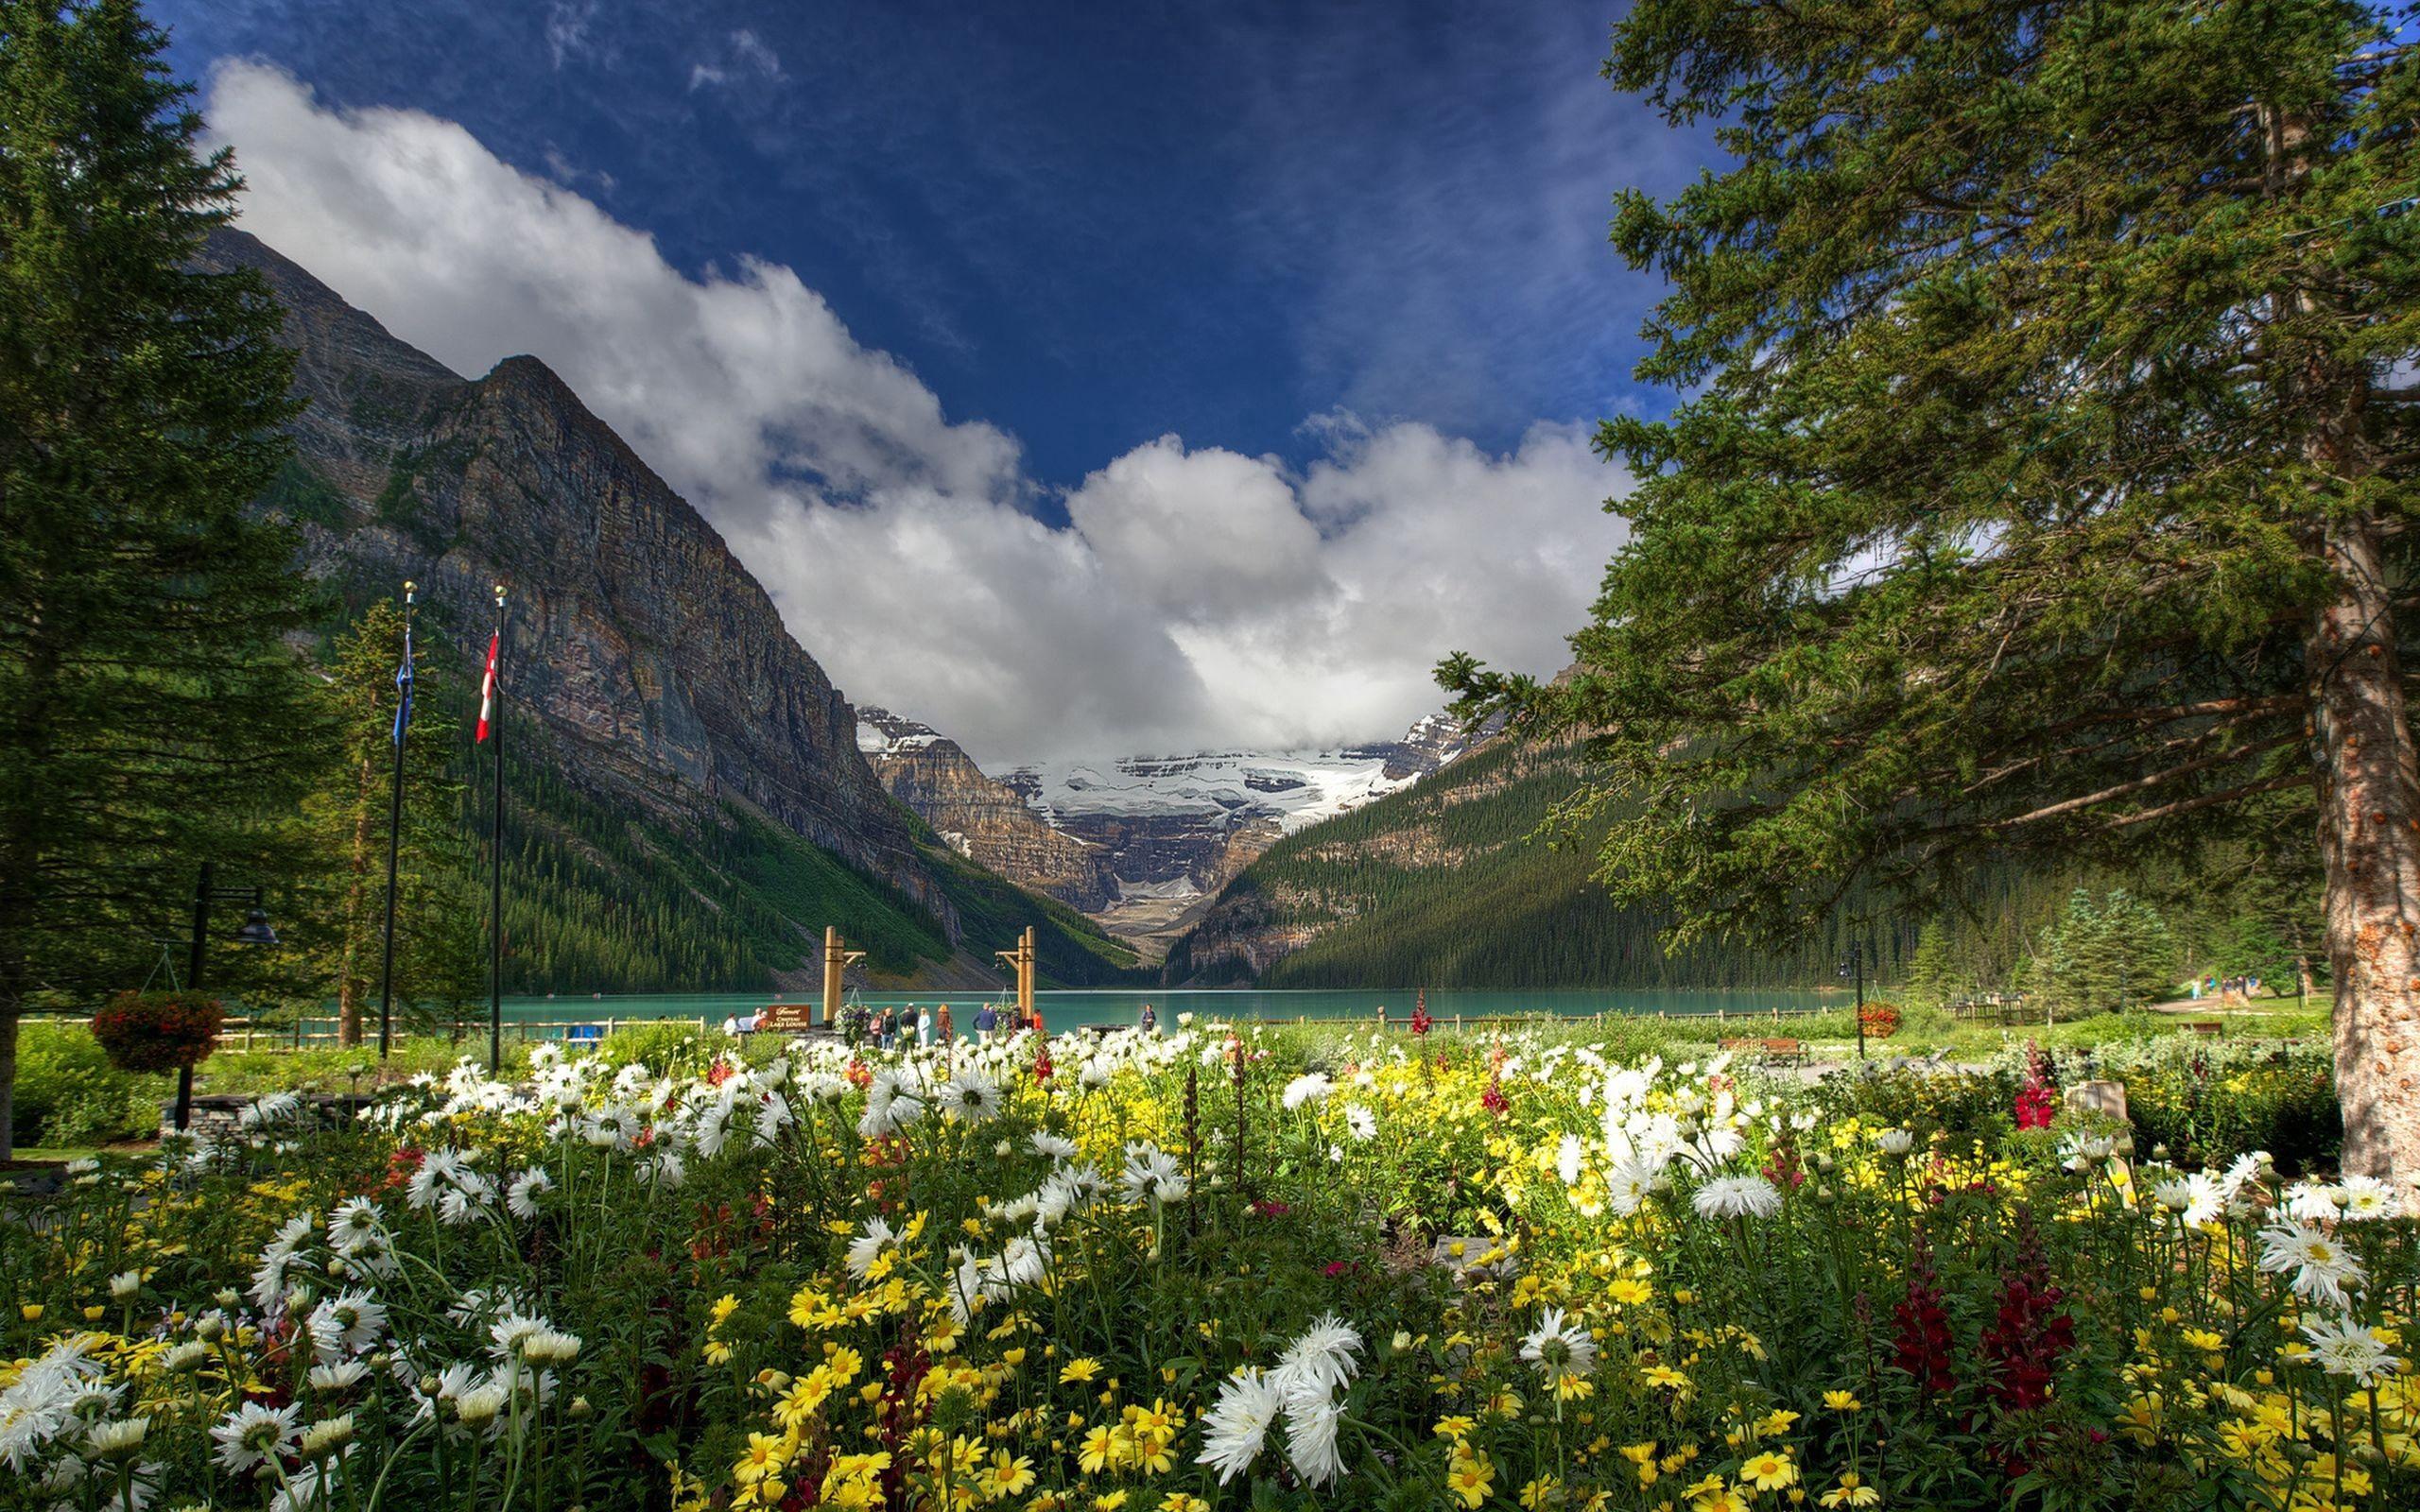 155956 скачать обои Природа, Трава, Поле, Деревья, Горы, Цветы - заставки и картинки бесплатно